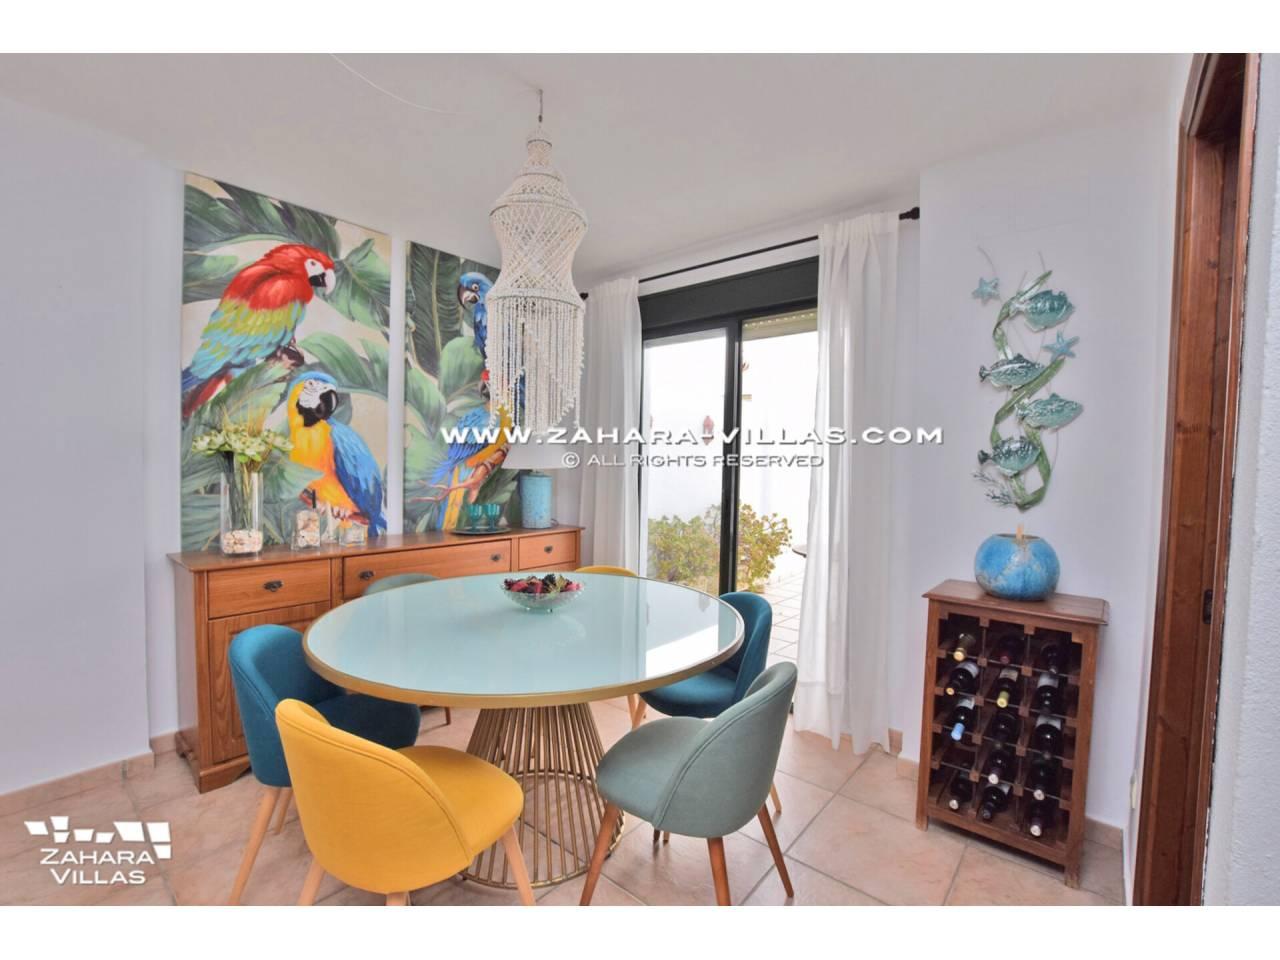 Imagen 32 de Casa Adosada con vistas al mar en venta en Urb. Jardines de Zahara